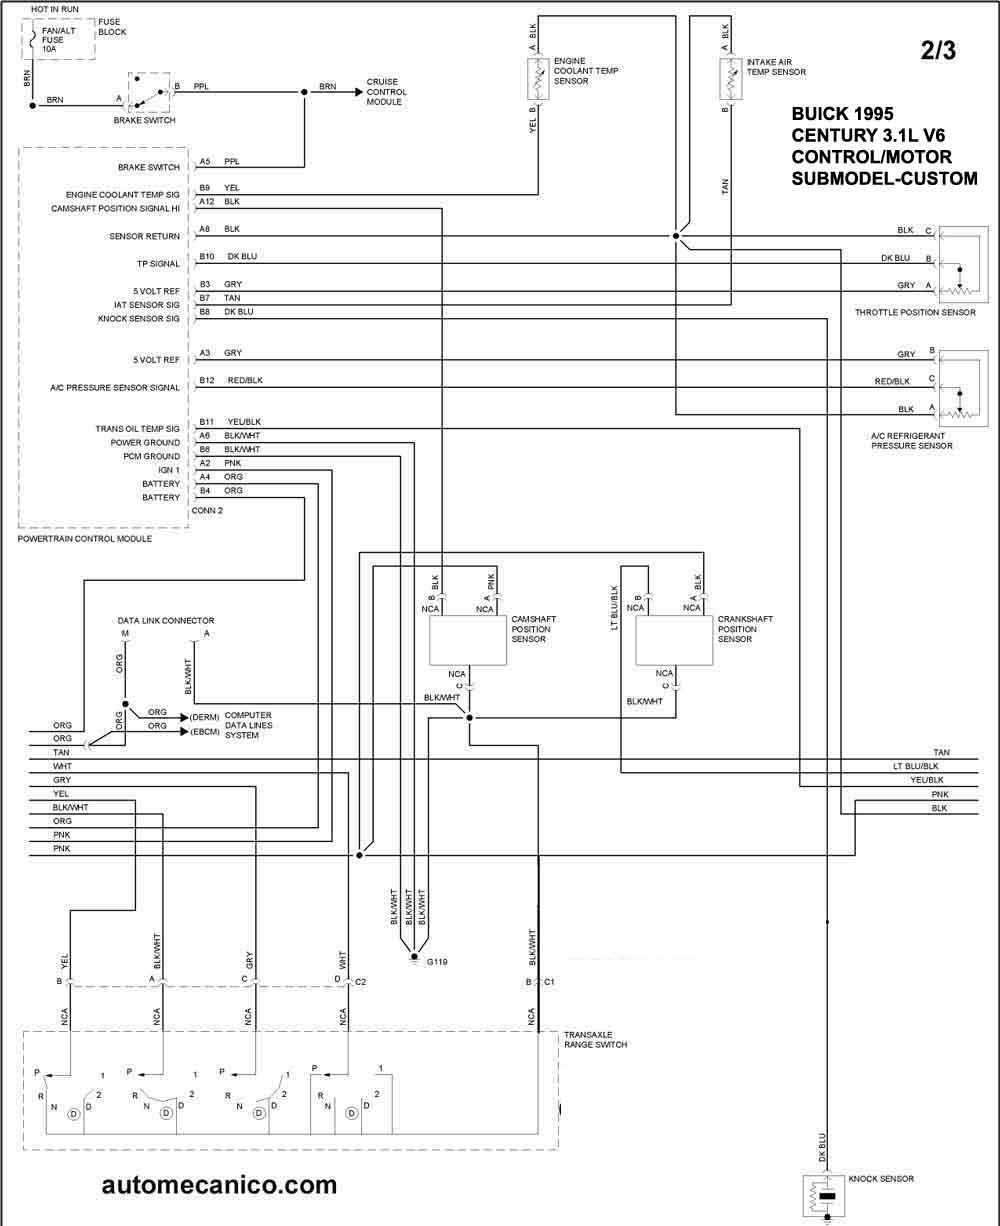 Buick 1995 Diagramas Control Del Motor Graphics Esquemas Vehiculos Motores Componentes Mecanica Automotriz